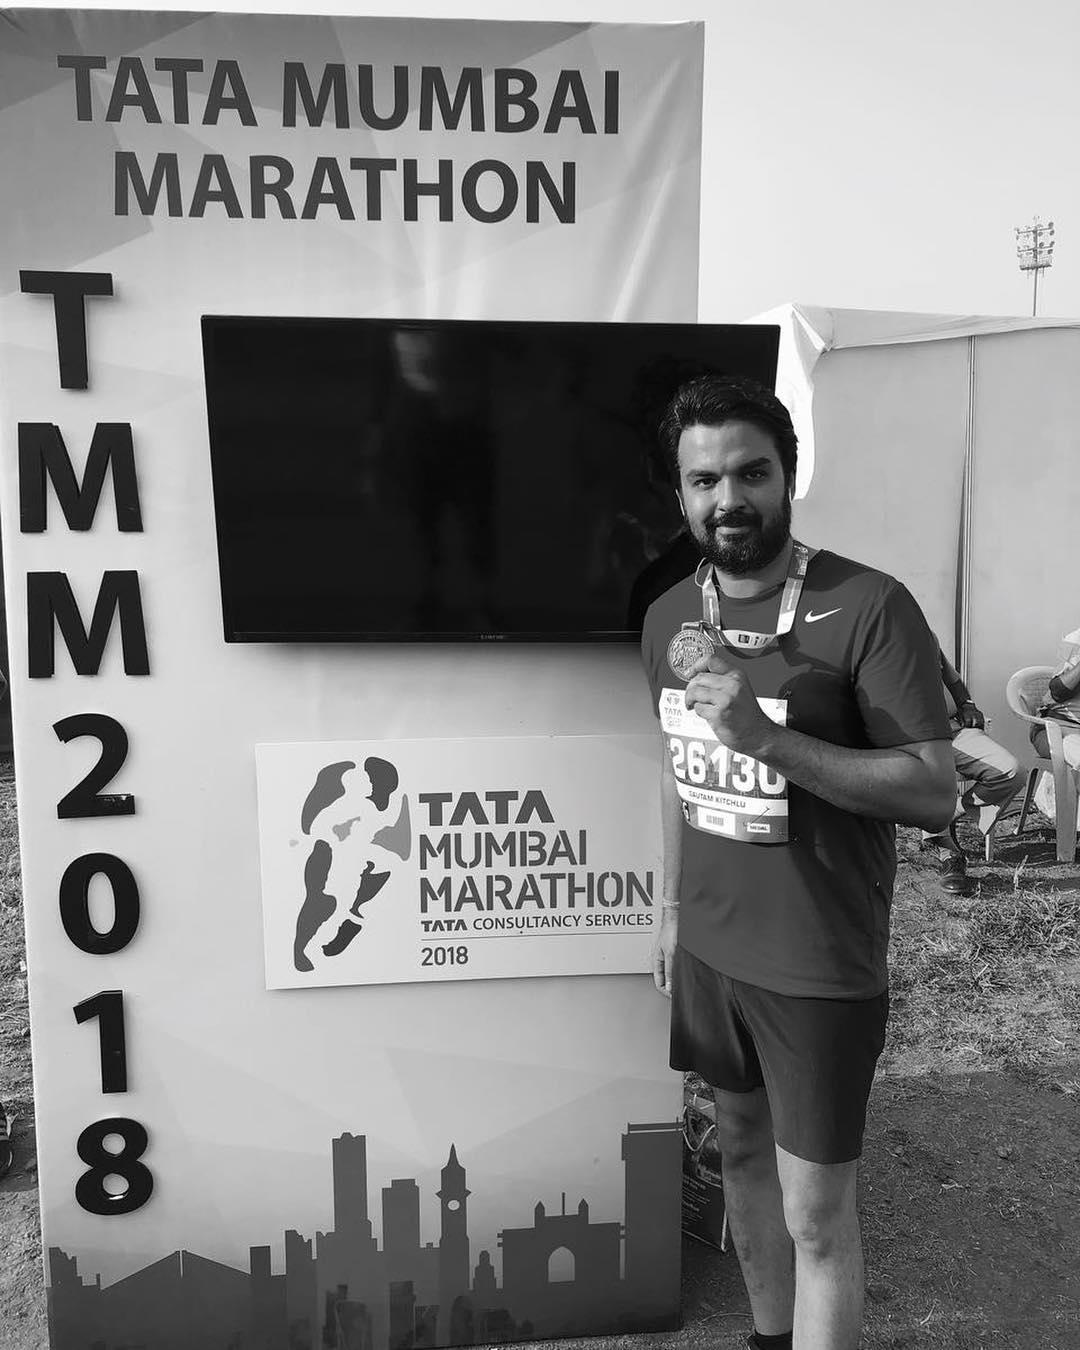 Gautam Kitchlu participated in the Tata Mumbai Marathon